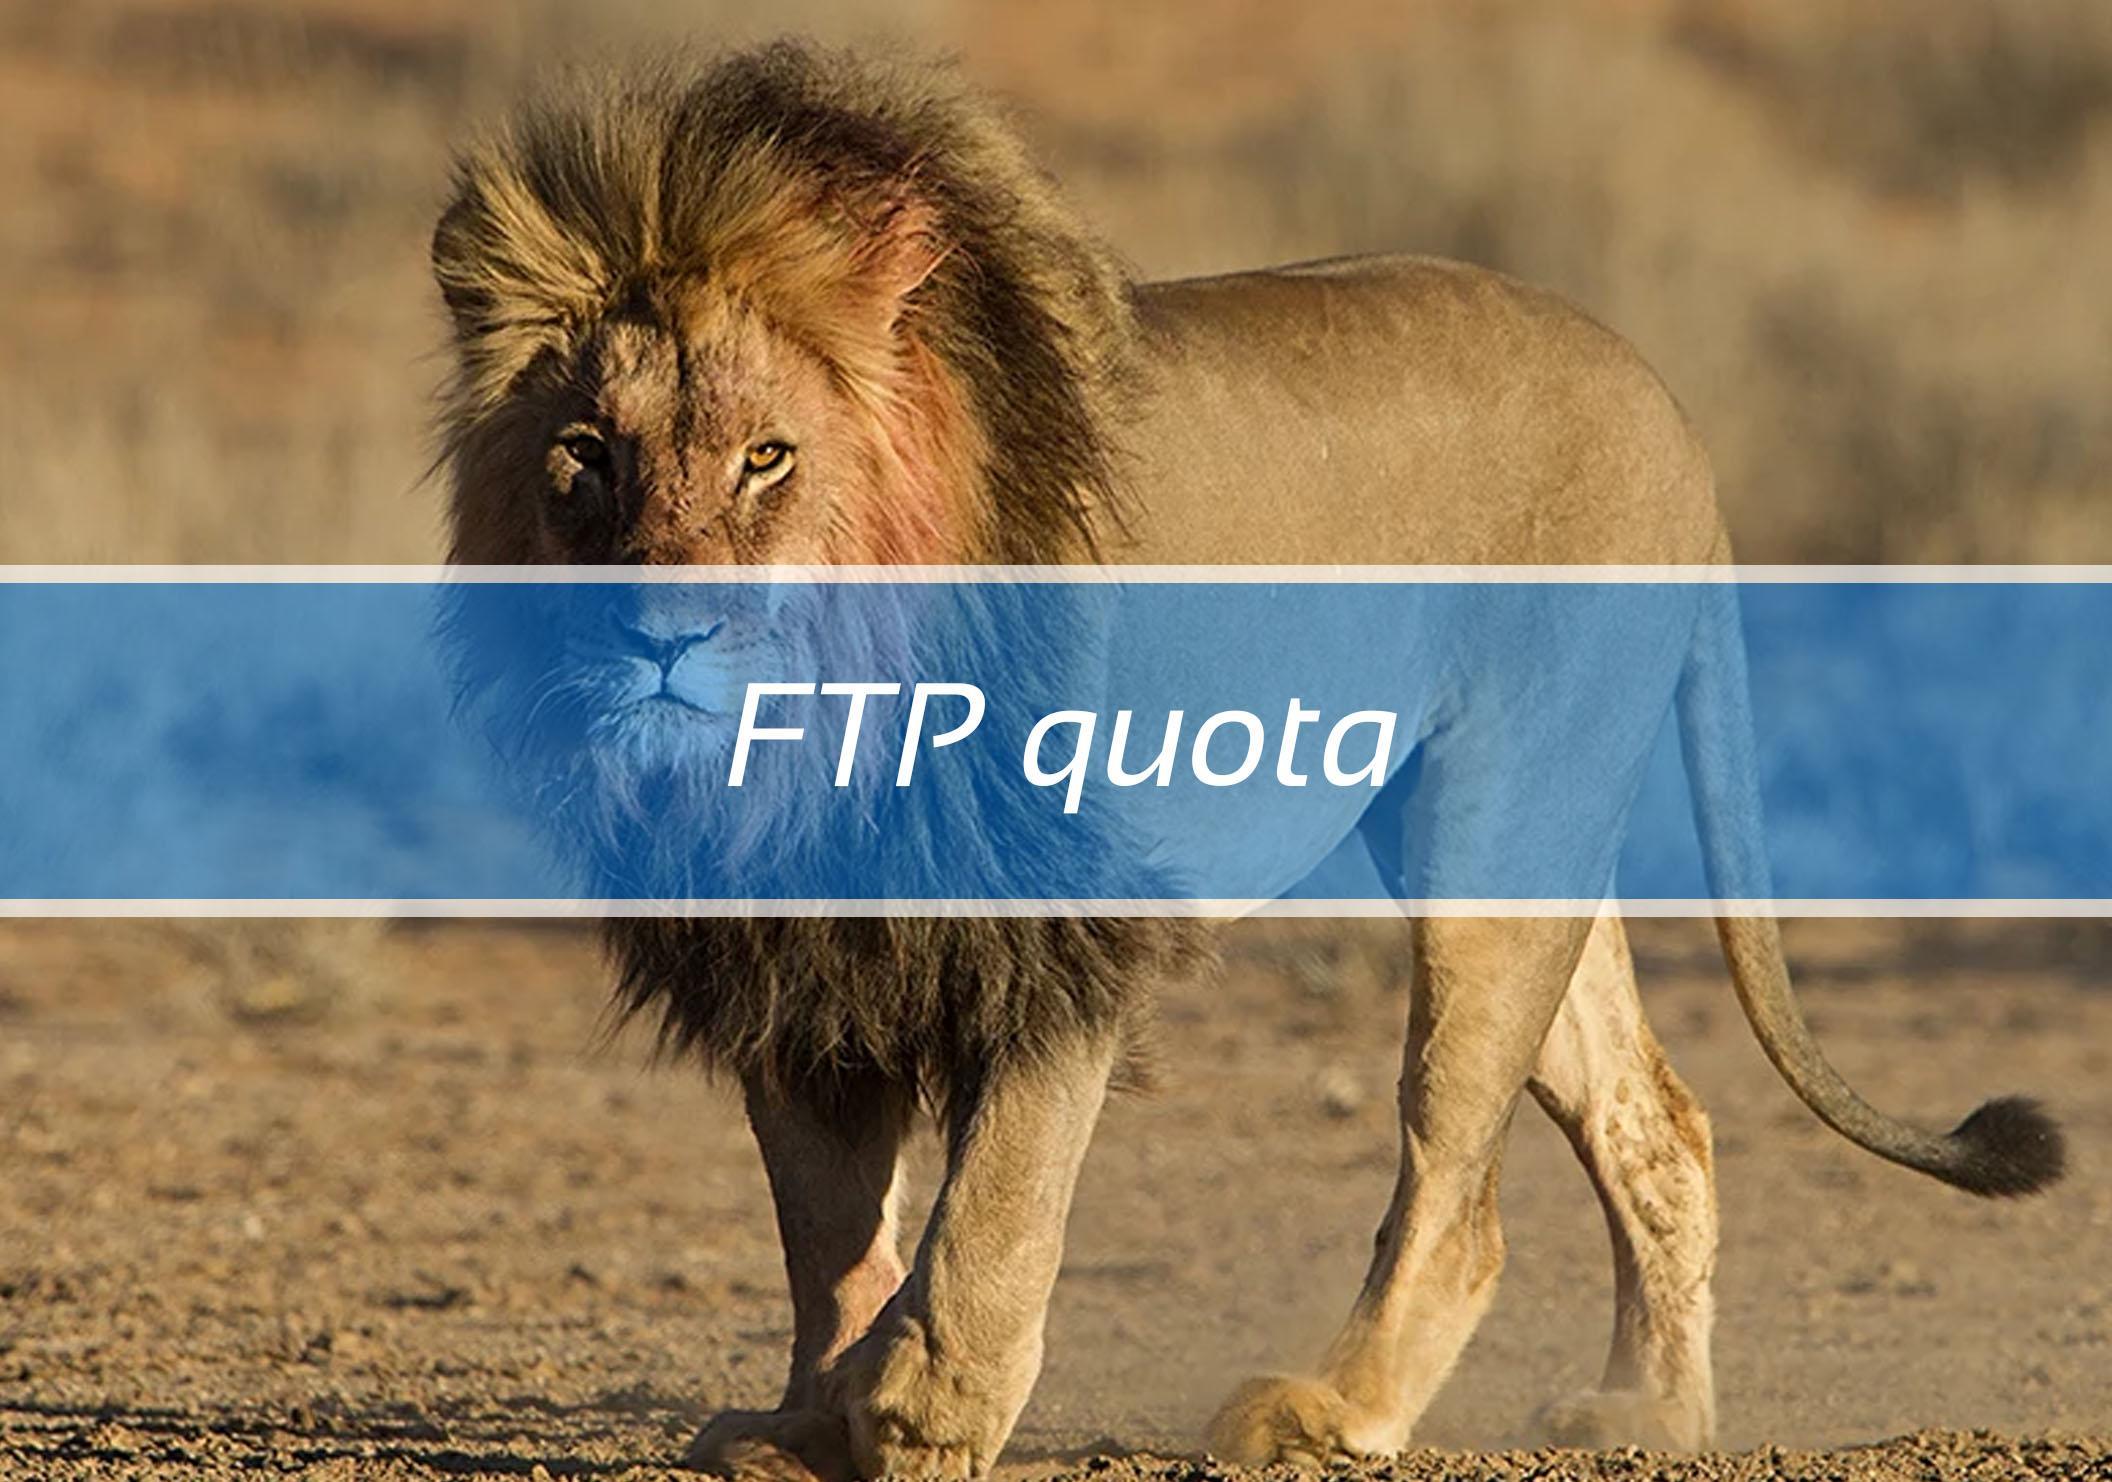 FTP quota